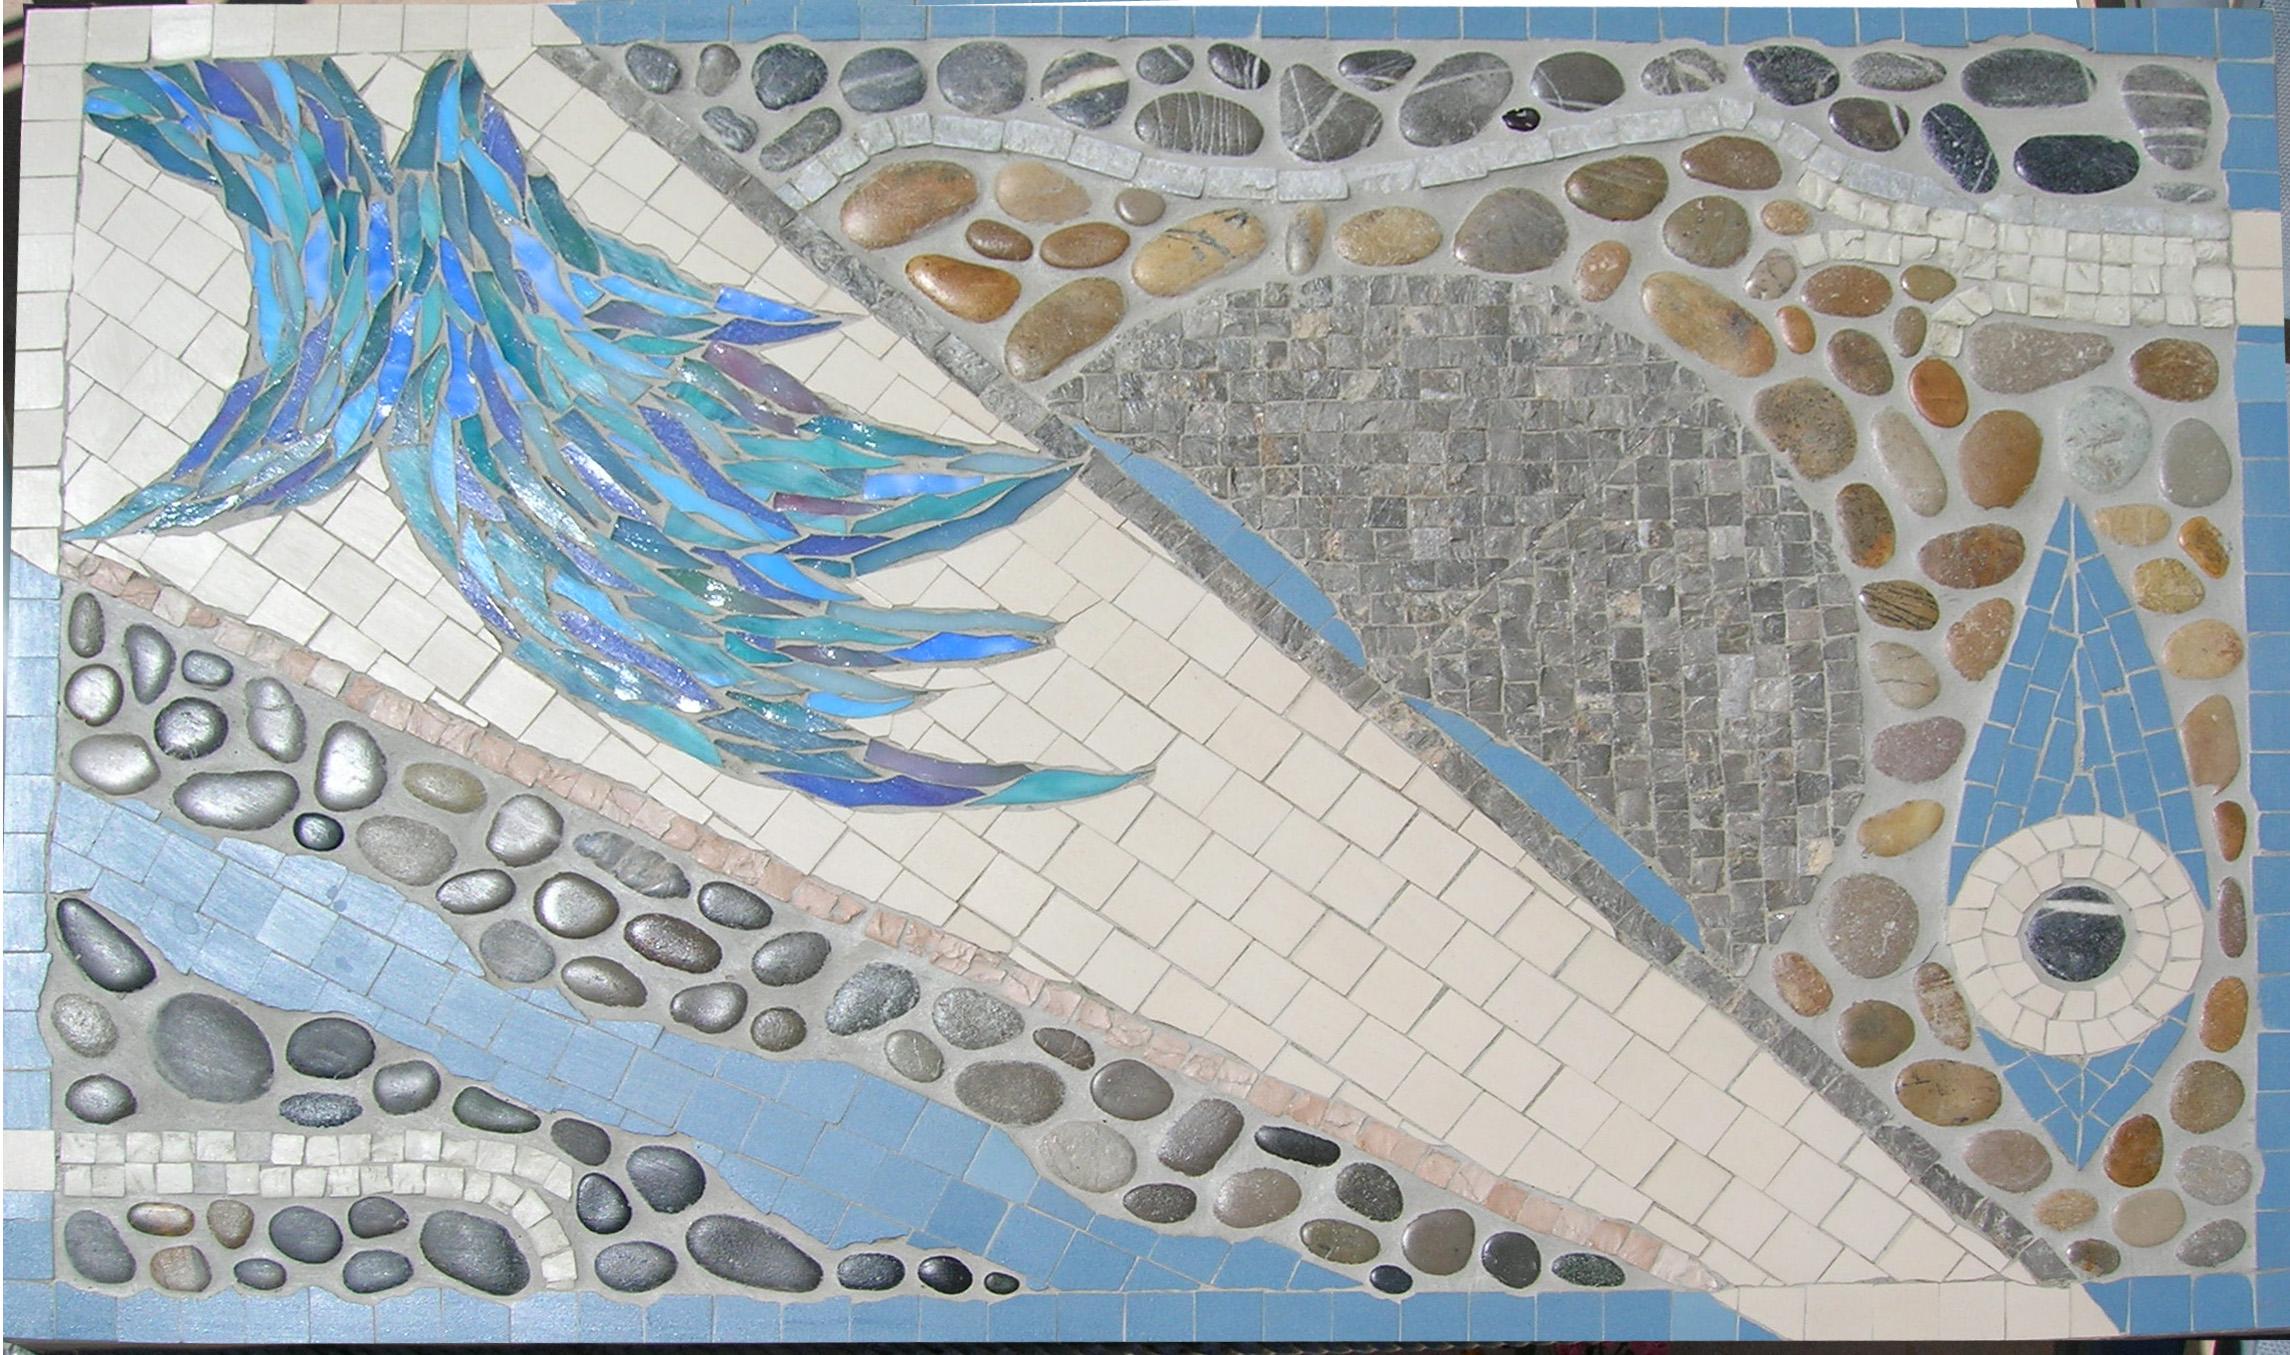 Table piscine en mosaique mozaistik mozaistik for Piscine design mosaique